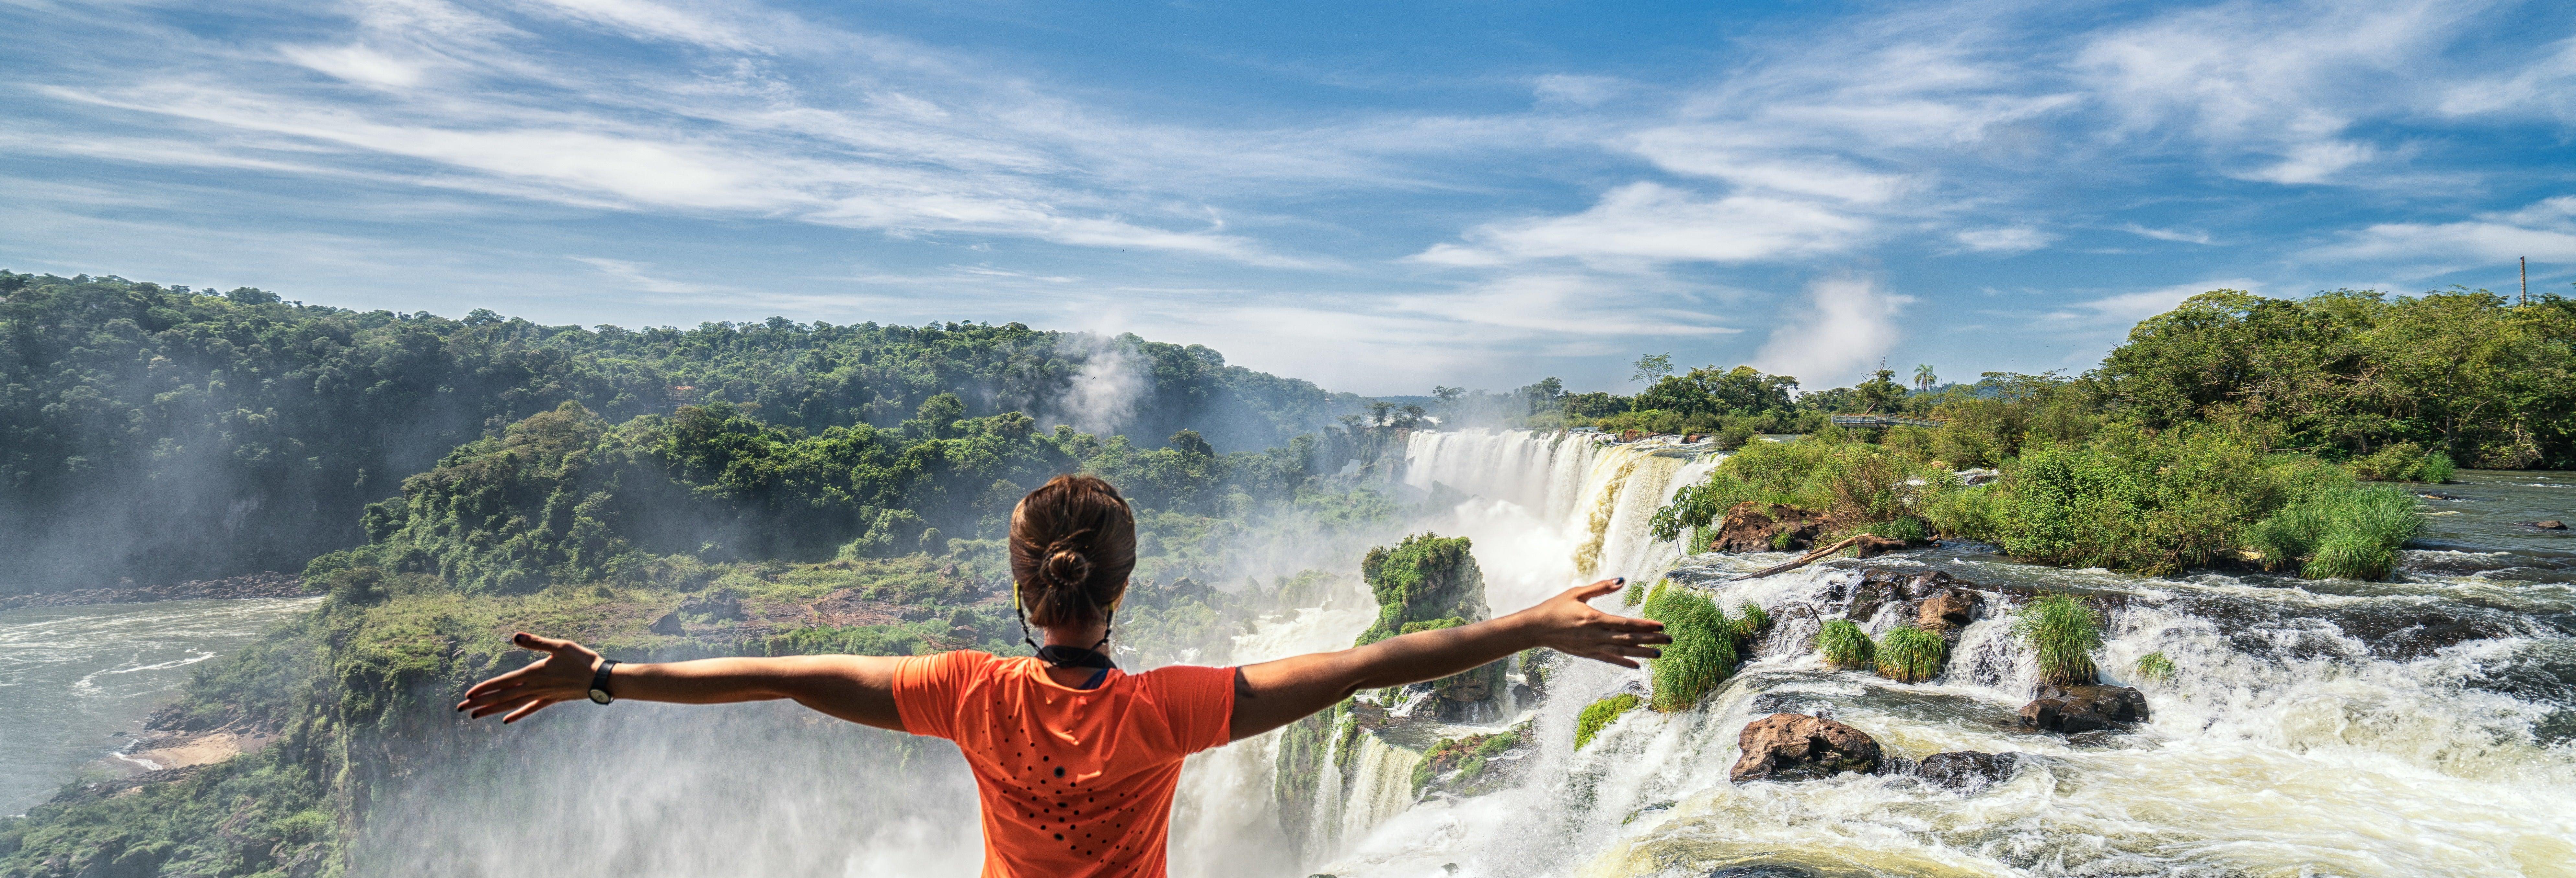 Cataratas do Iguaçu (lado argentino)